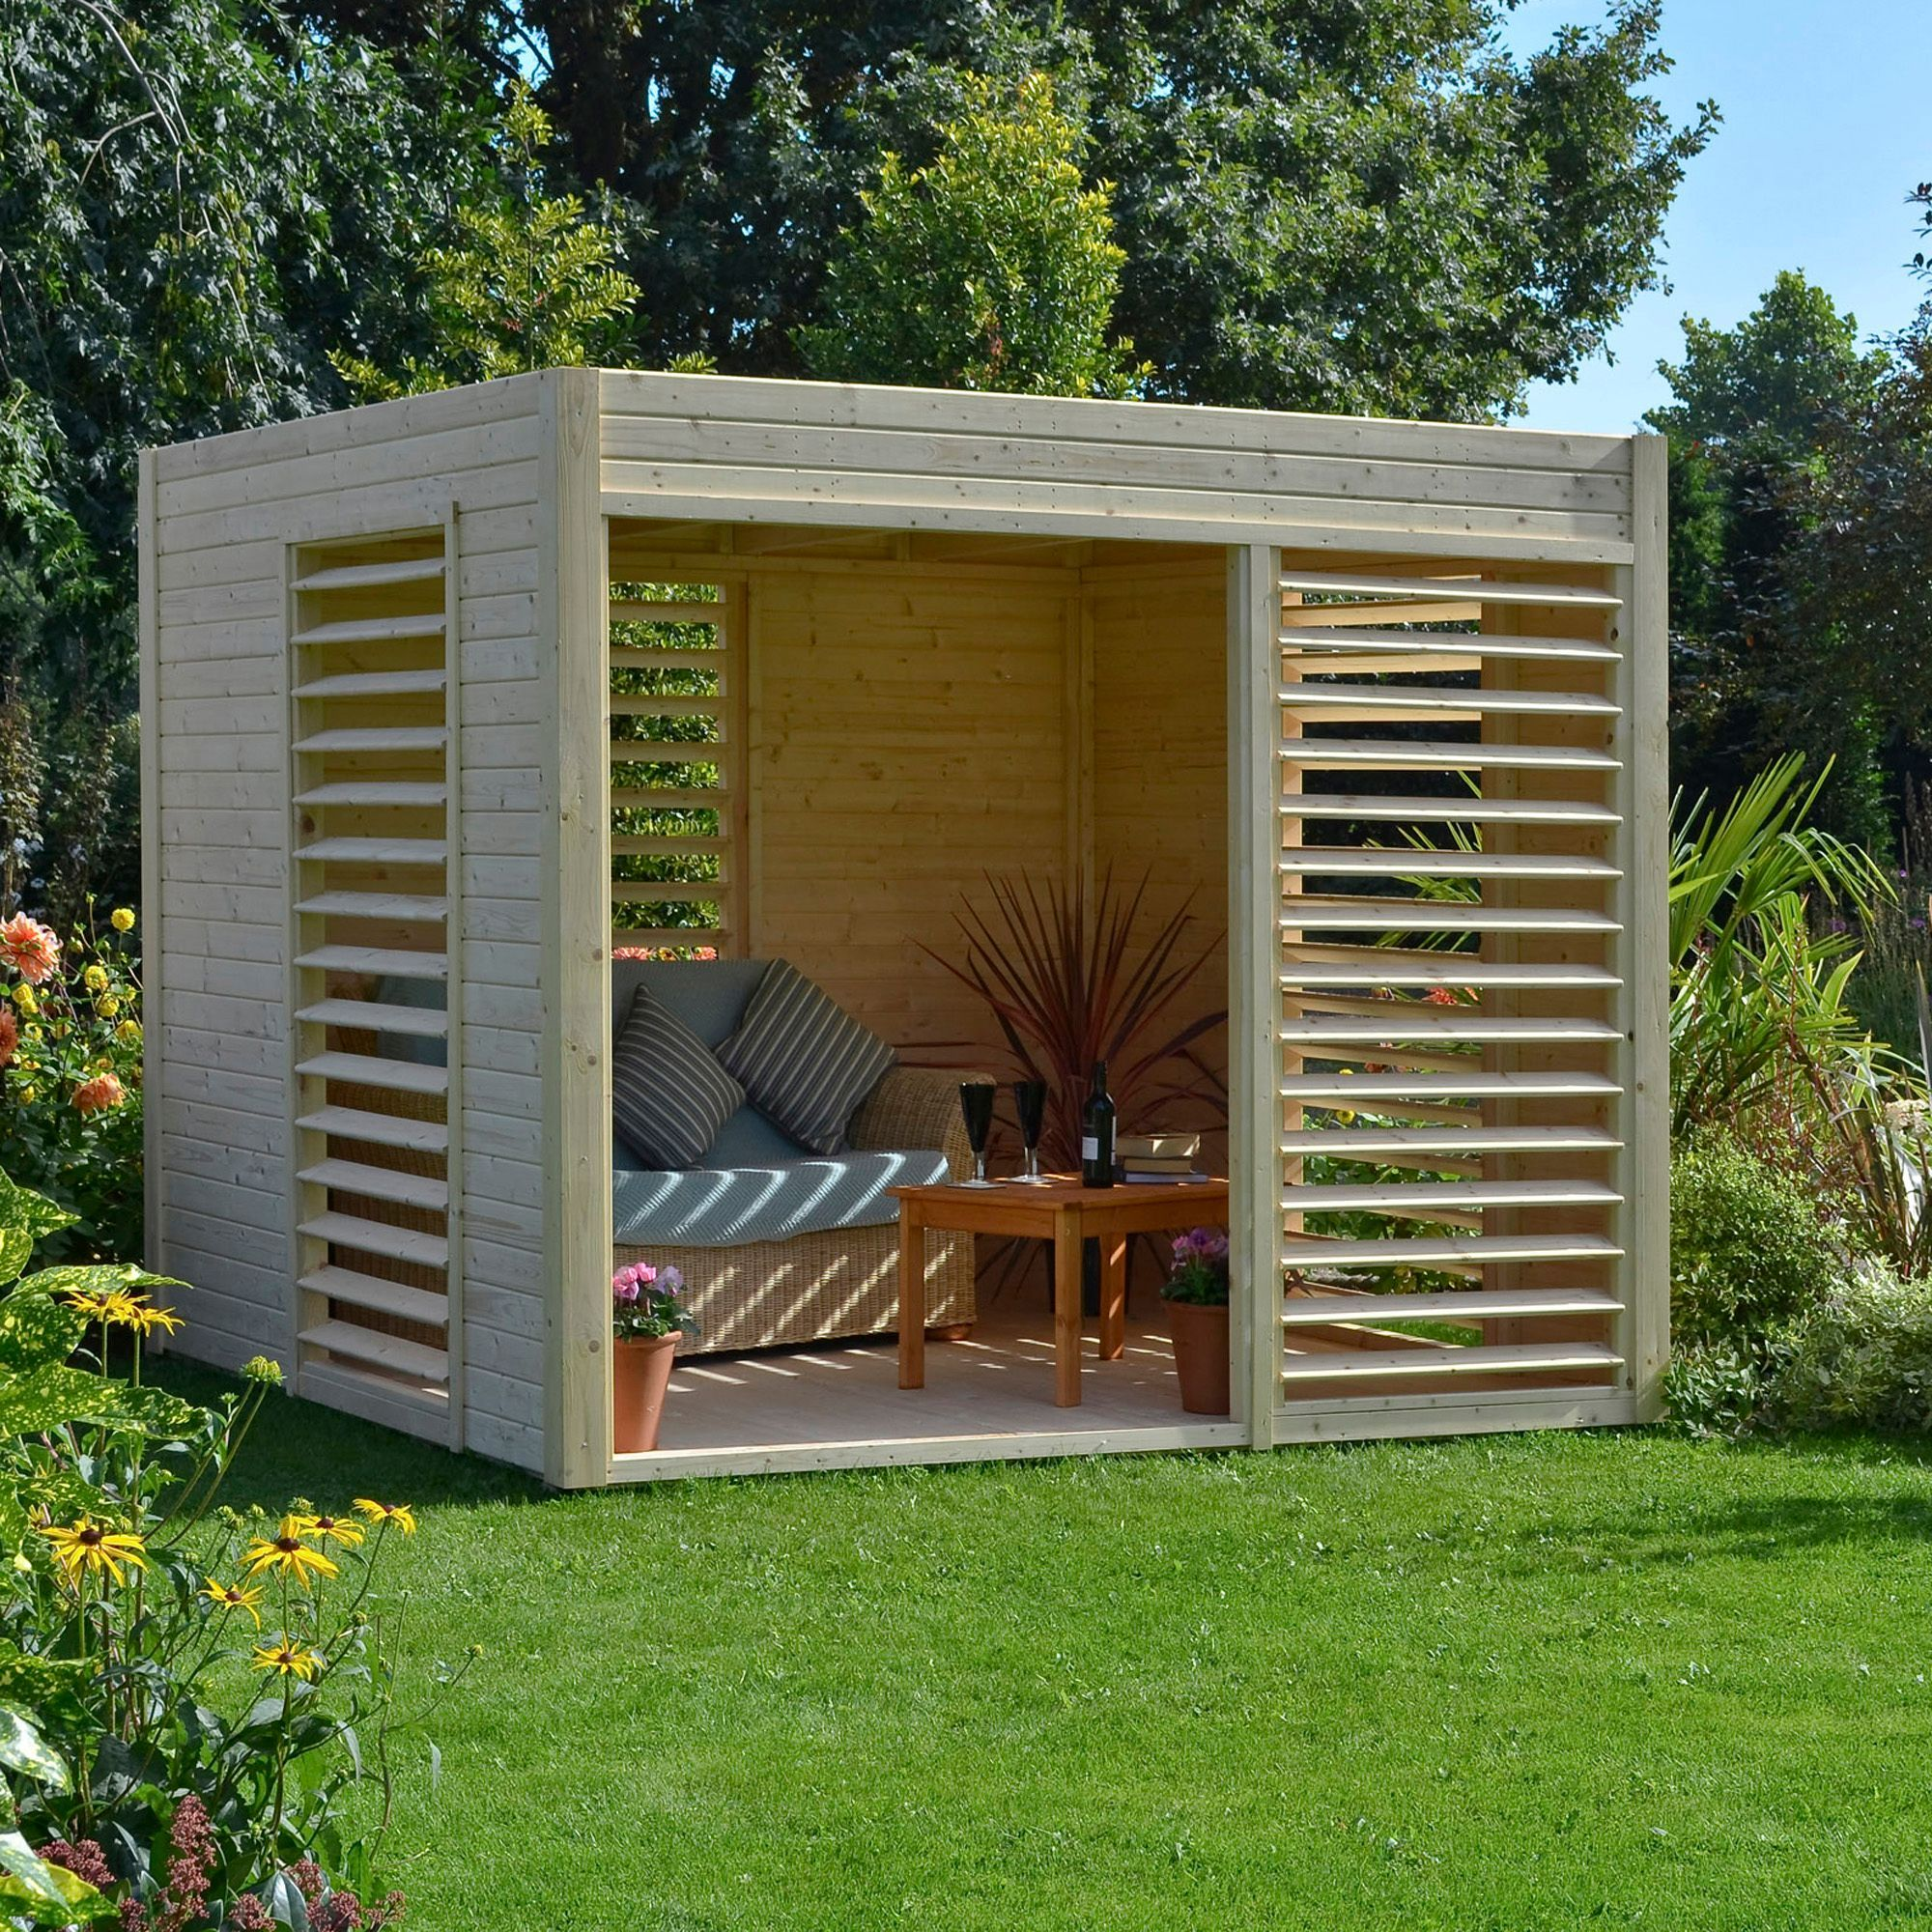 Rowlinson Carmen Natural Pavilion | Pavilion, Wooden pavilion and ...